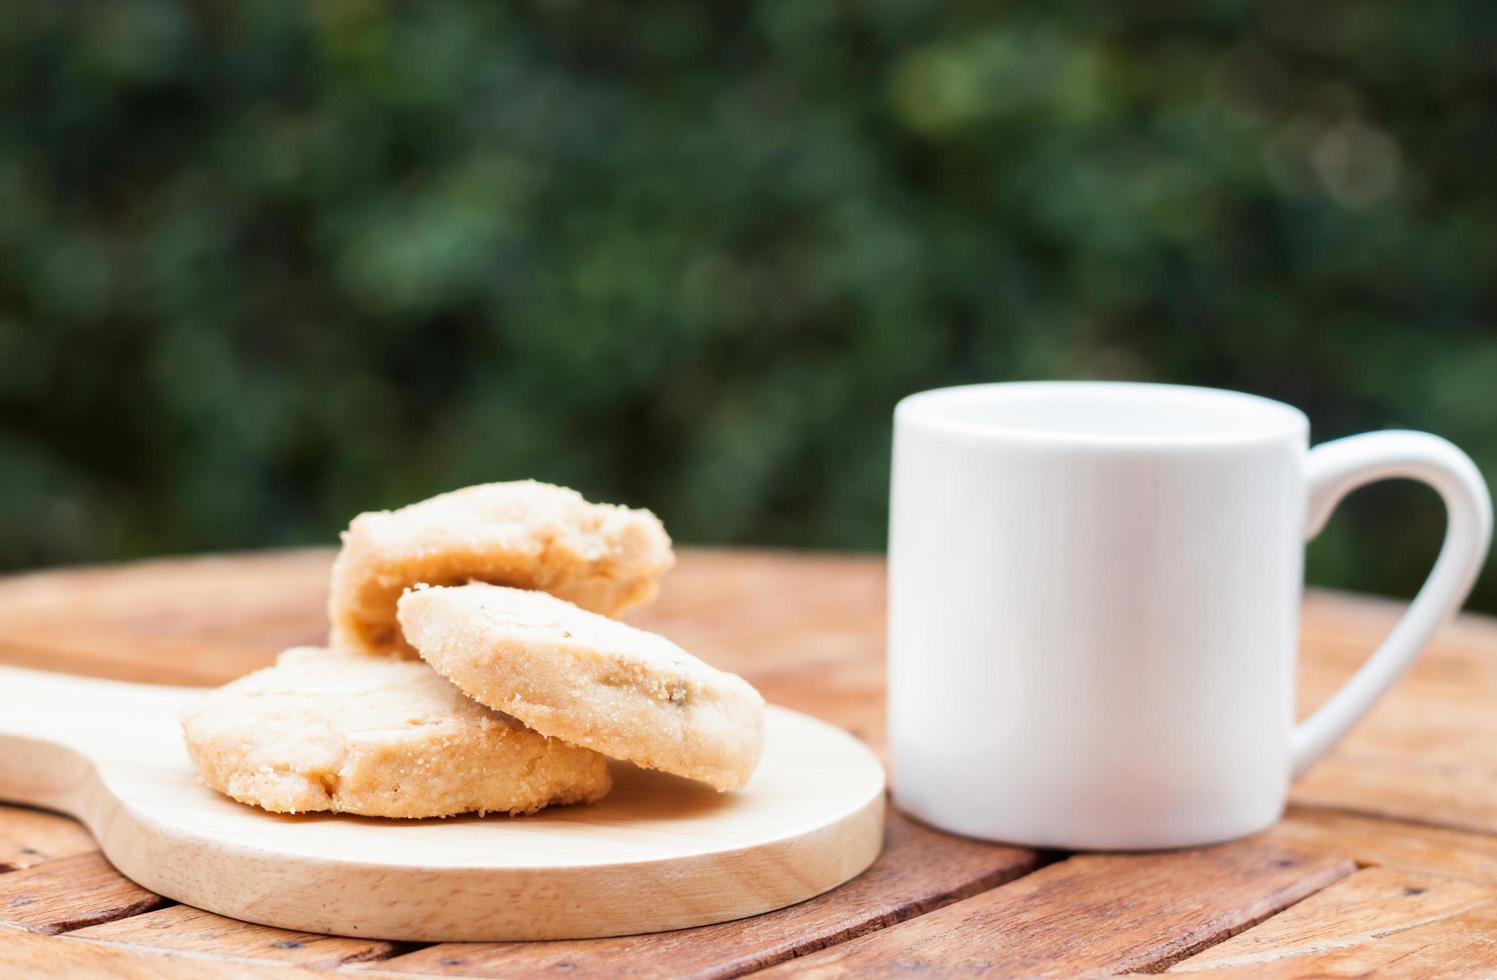 cashew cookies met een koffiekopje foto